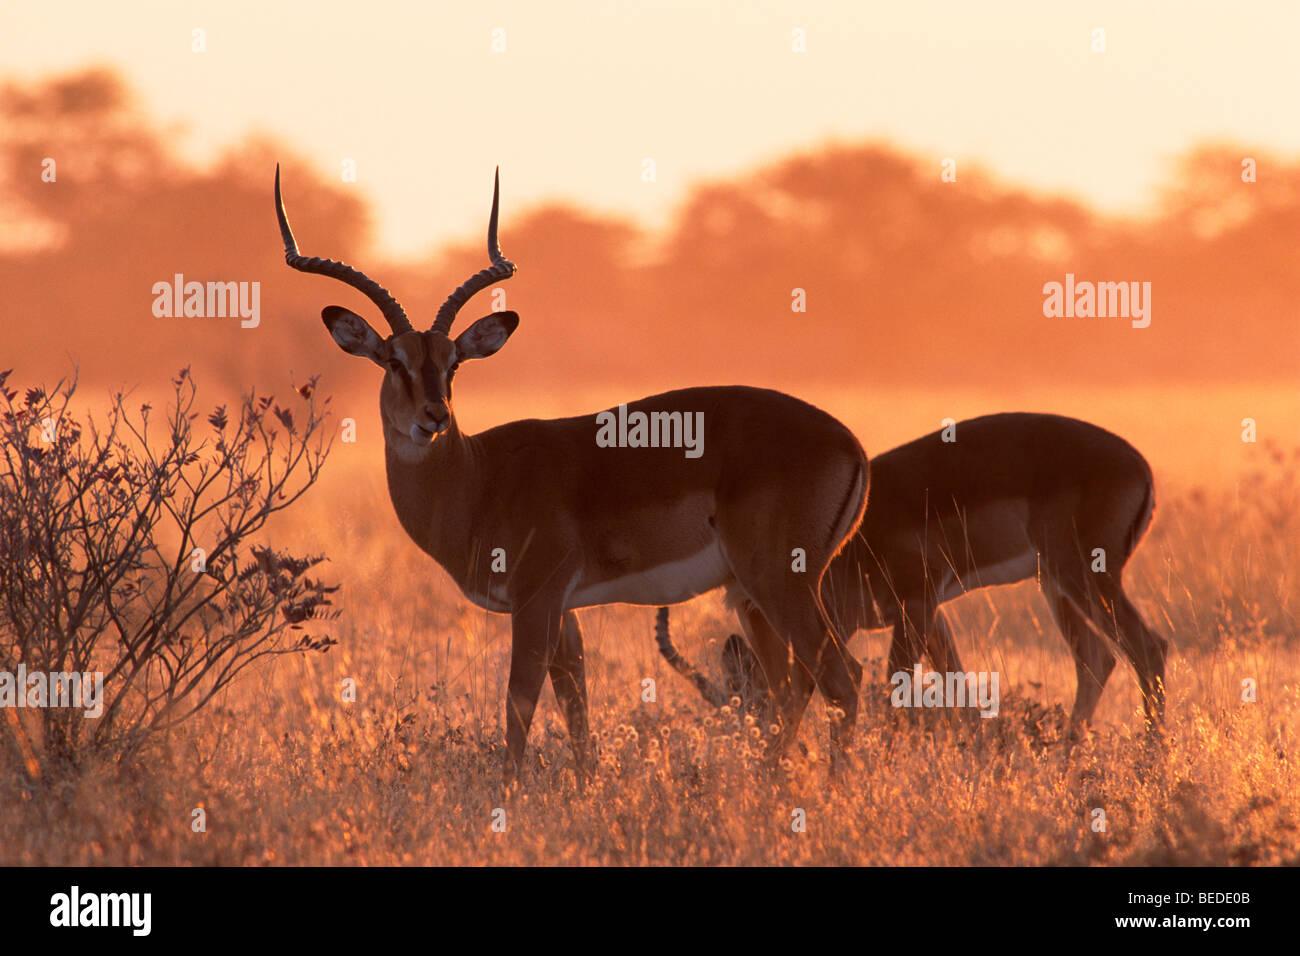 Impalas (Aepyceros melampus) at sunrise, Etosha National Park, Namibia, Africa - Stock Image